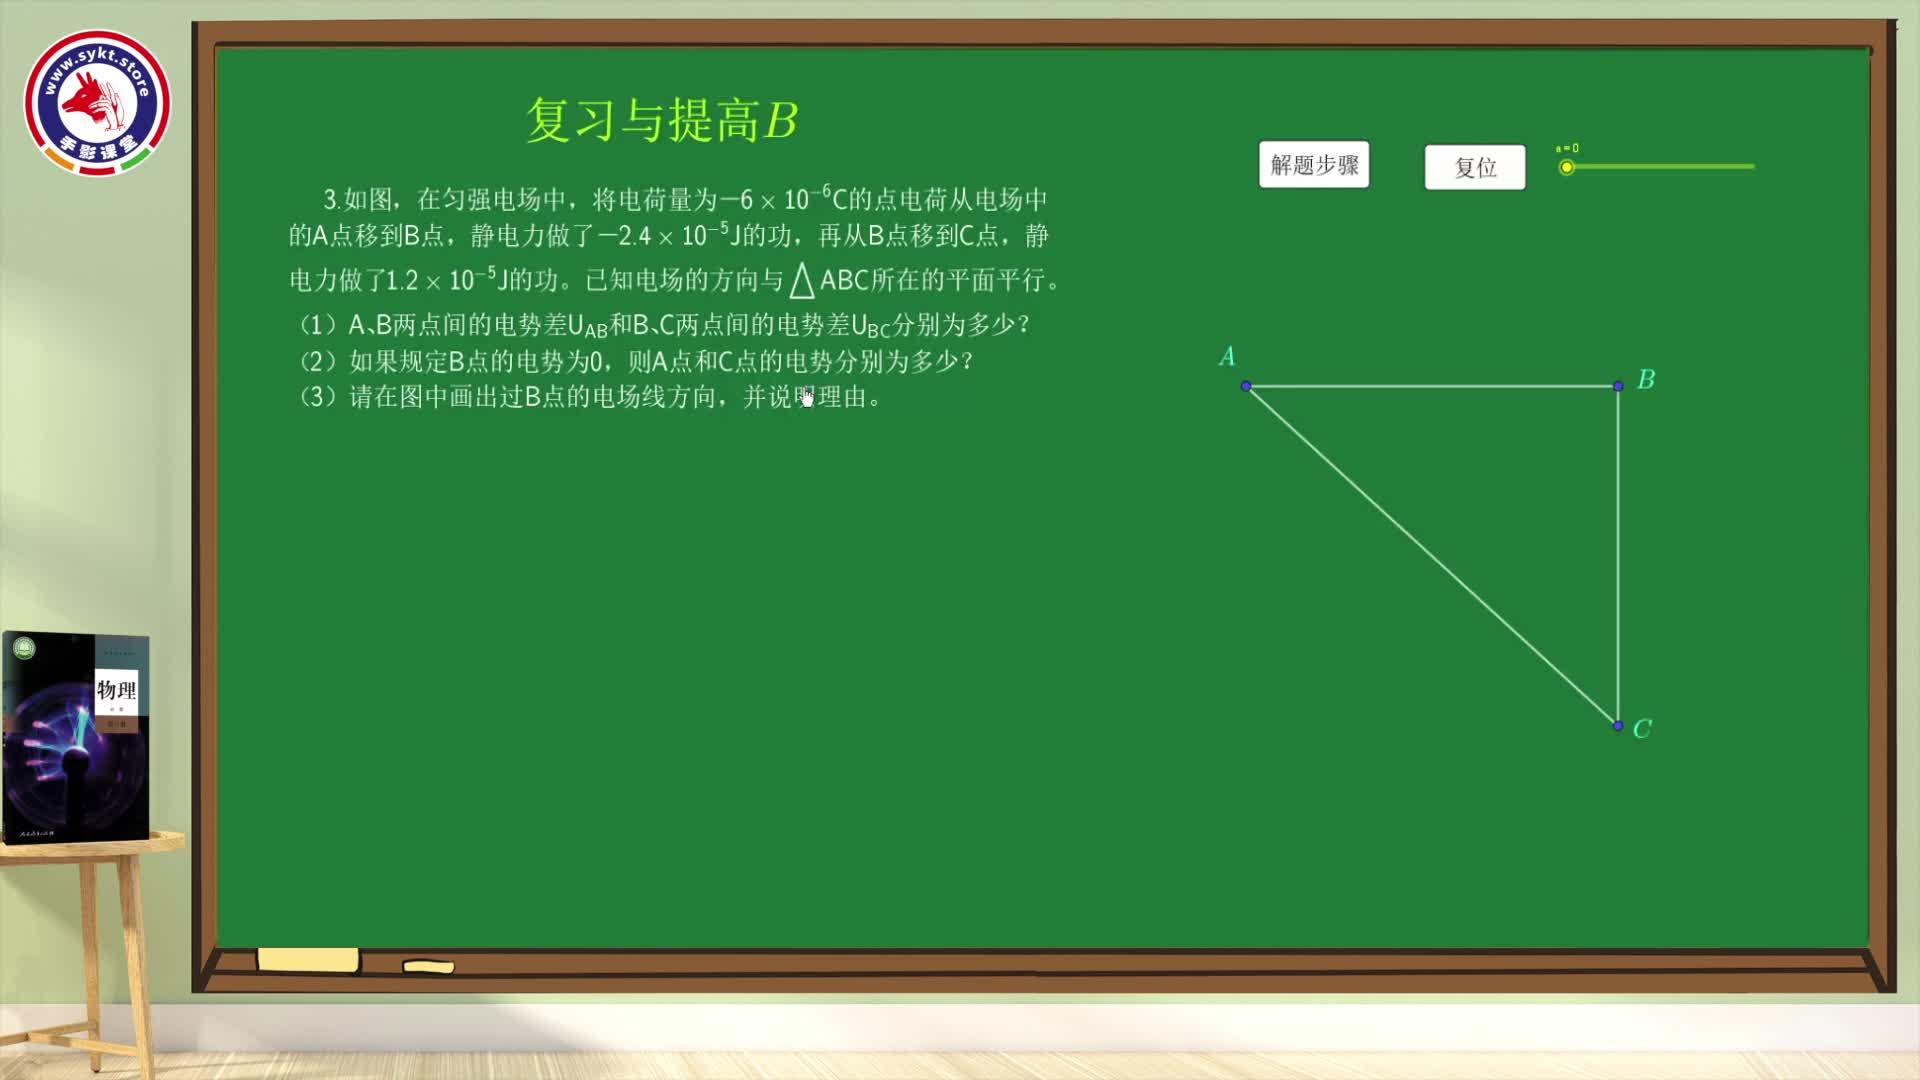 (视频)第十章 静电场中的能量—复习与提高B组第3题(习题精讲)-【手影物理】2021版高中物理必修第三册(人教版)